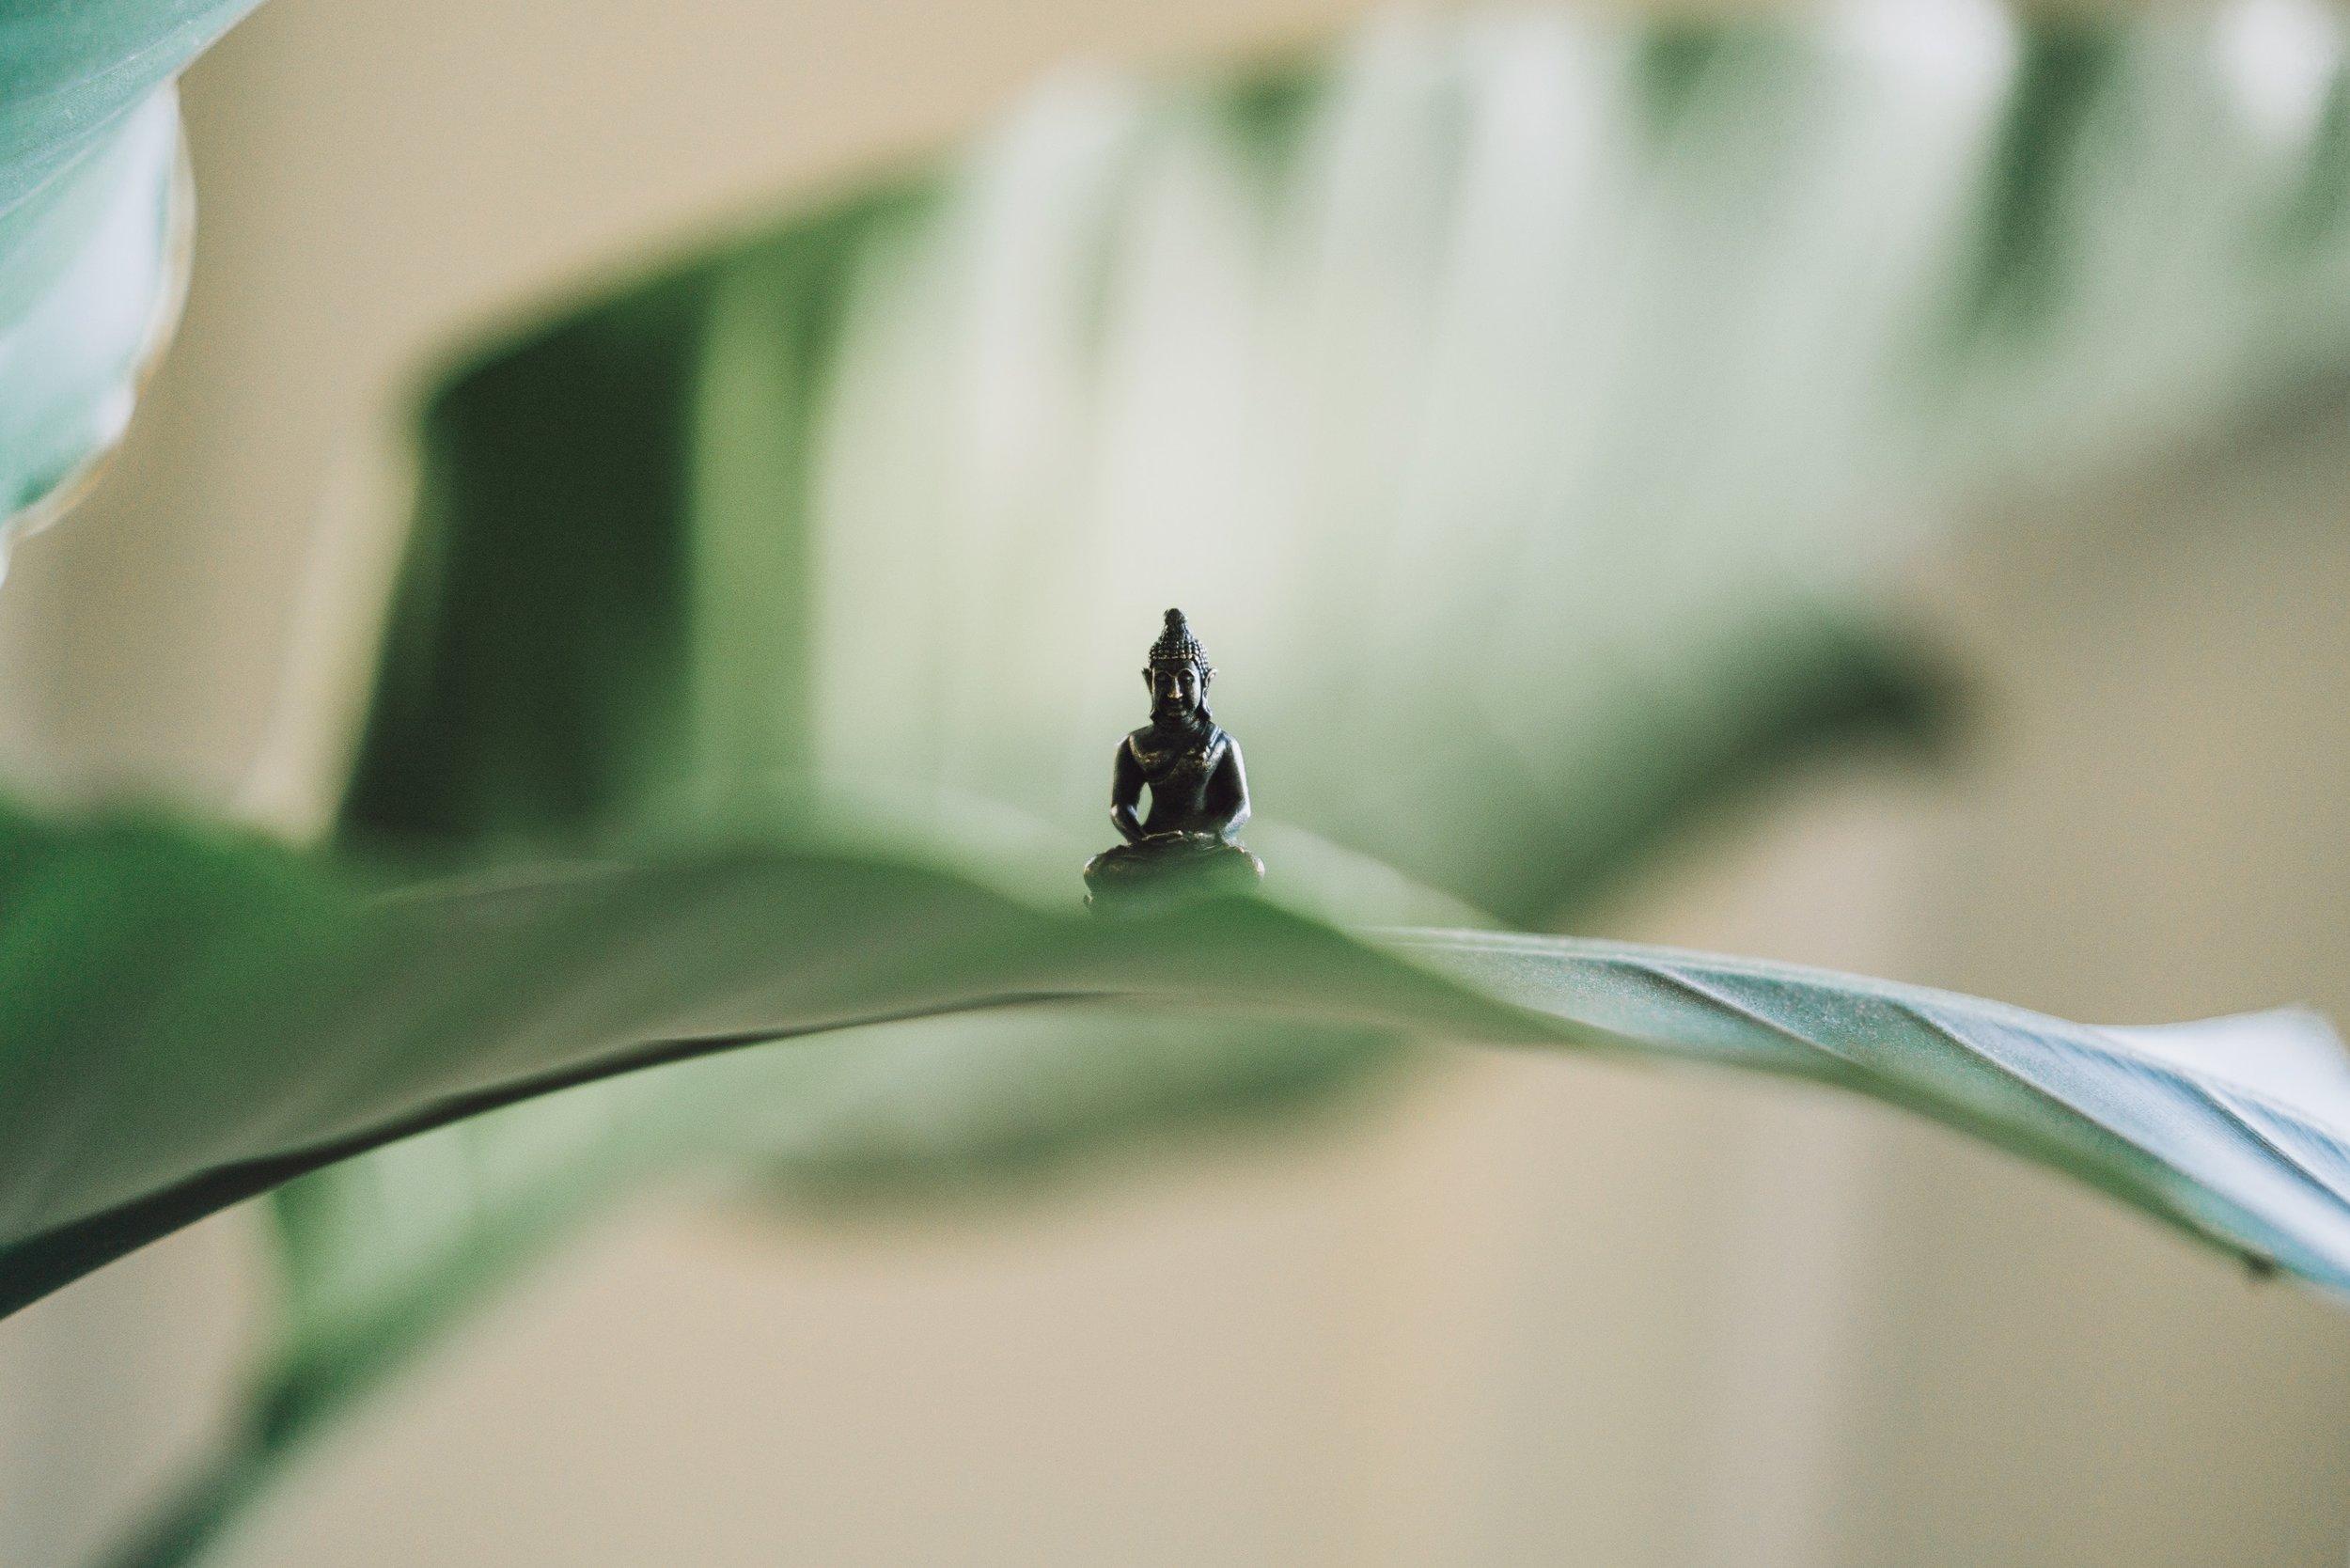 Mindfulness: - Vi tilbyr kurs i Mindfulness for bedrifter og privatpersoner. Kurset kan skreddersys etter bedriftens behov. Alle kurs har fokus på utføringen av praktiske øvelser som deltakerne kan benytte som stressreduserende verktøy i sin hverdag.